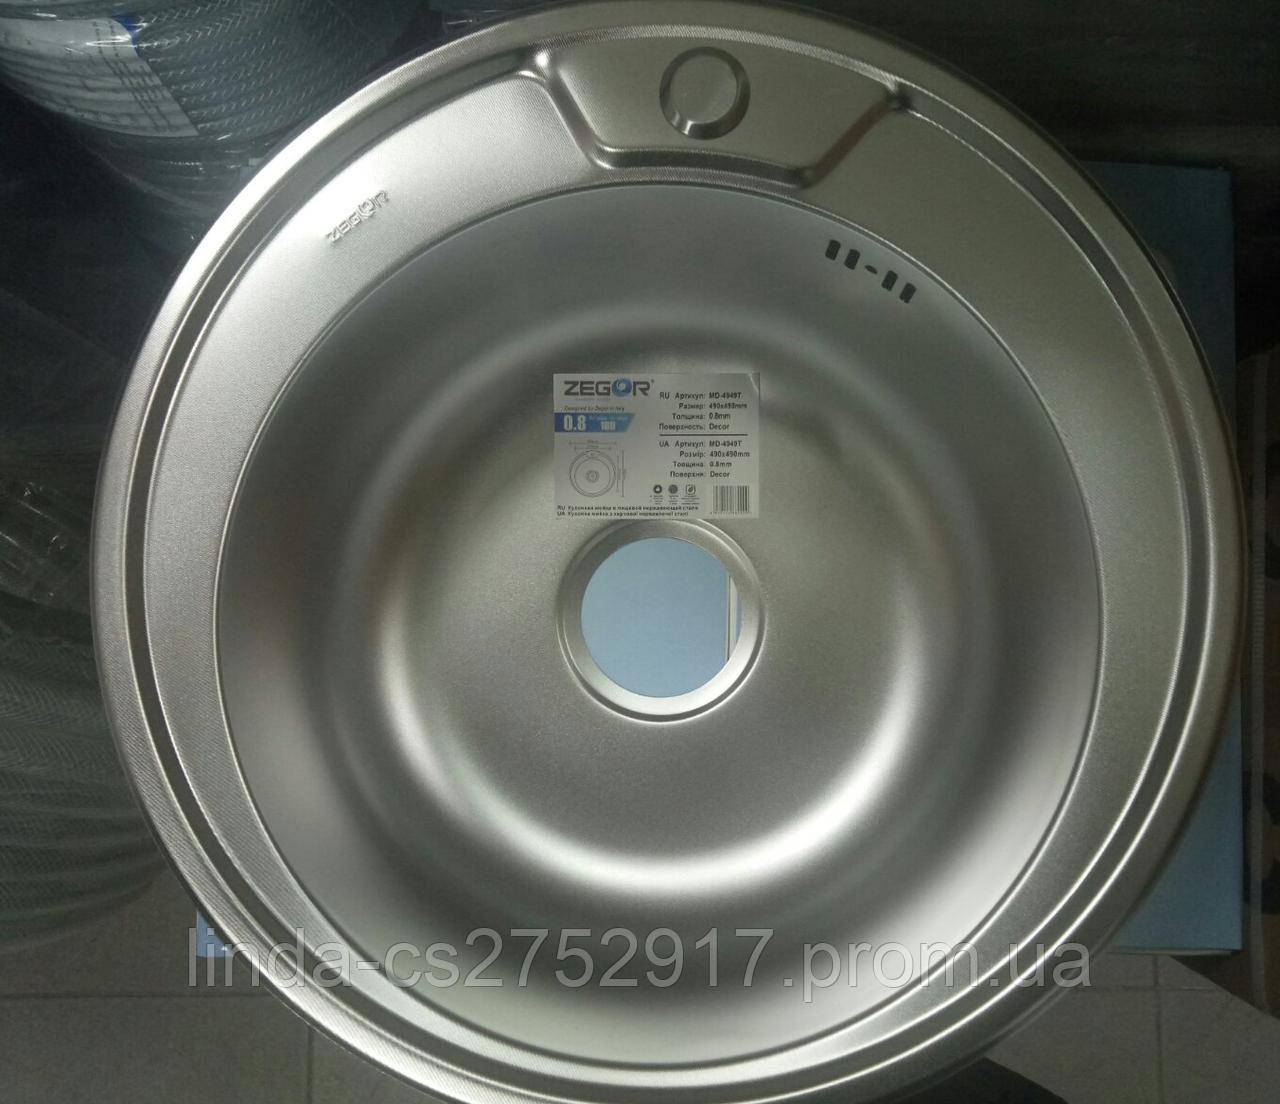 Кухонная мойка ZEGOR нержавейка MD-4949T (08/180) (круглая)